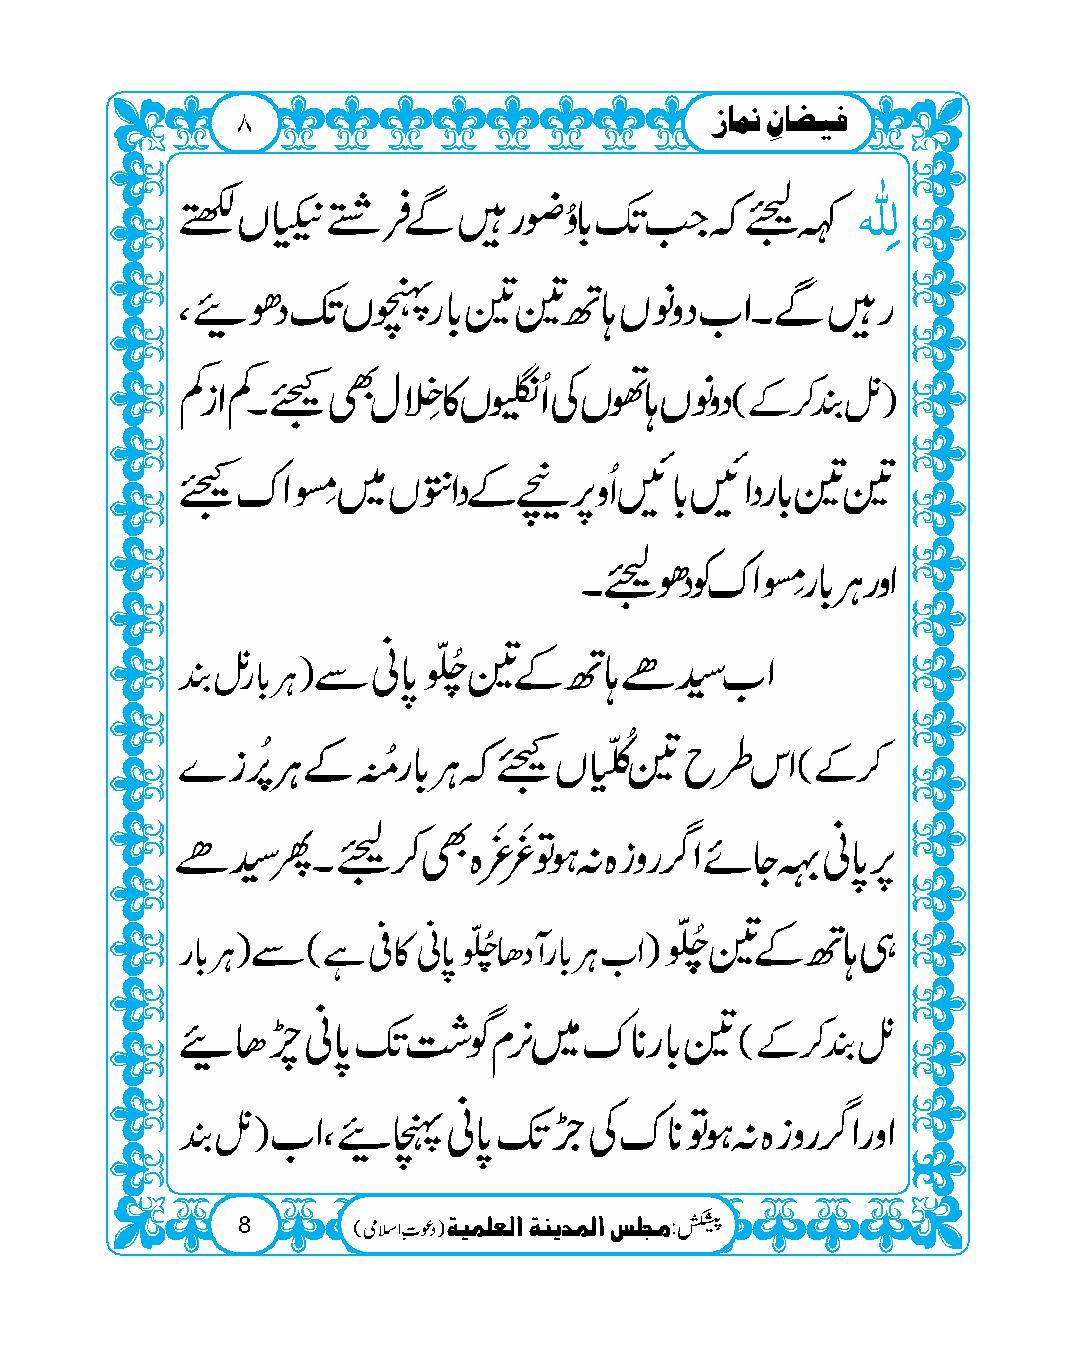 page No 8